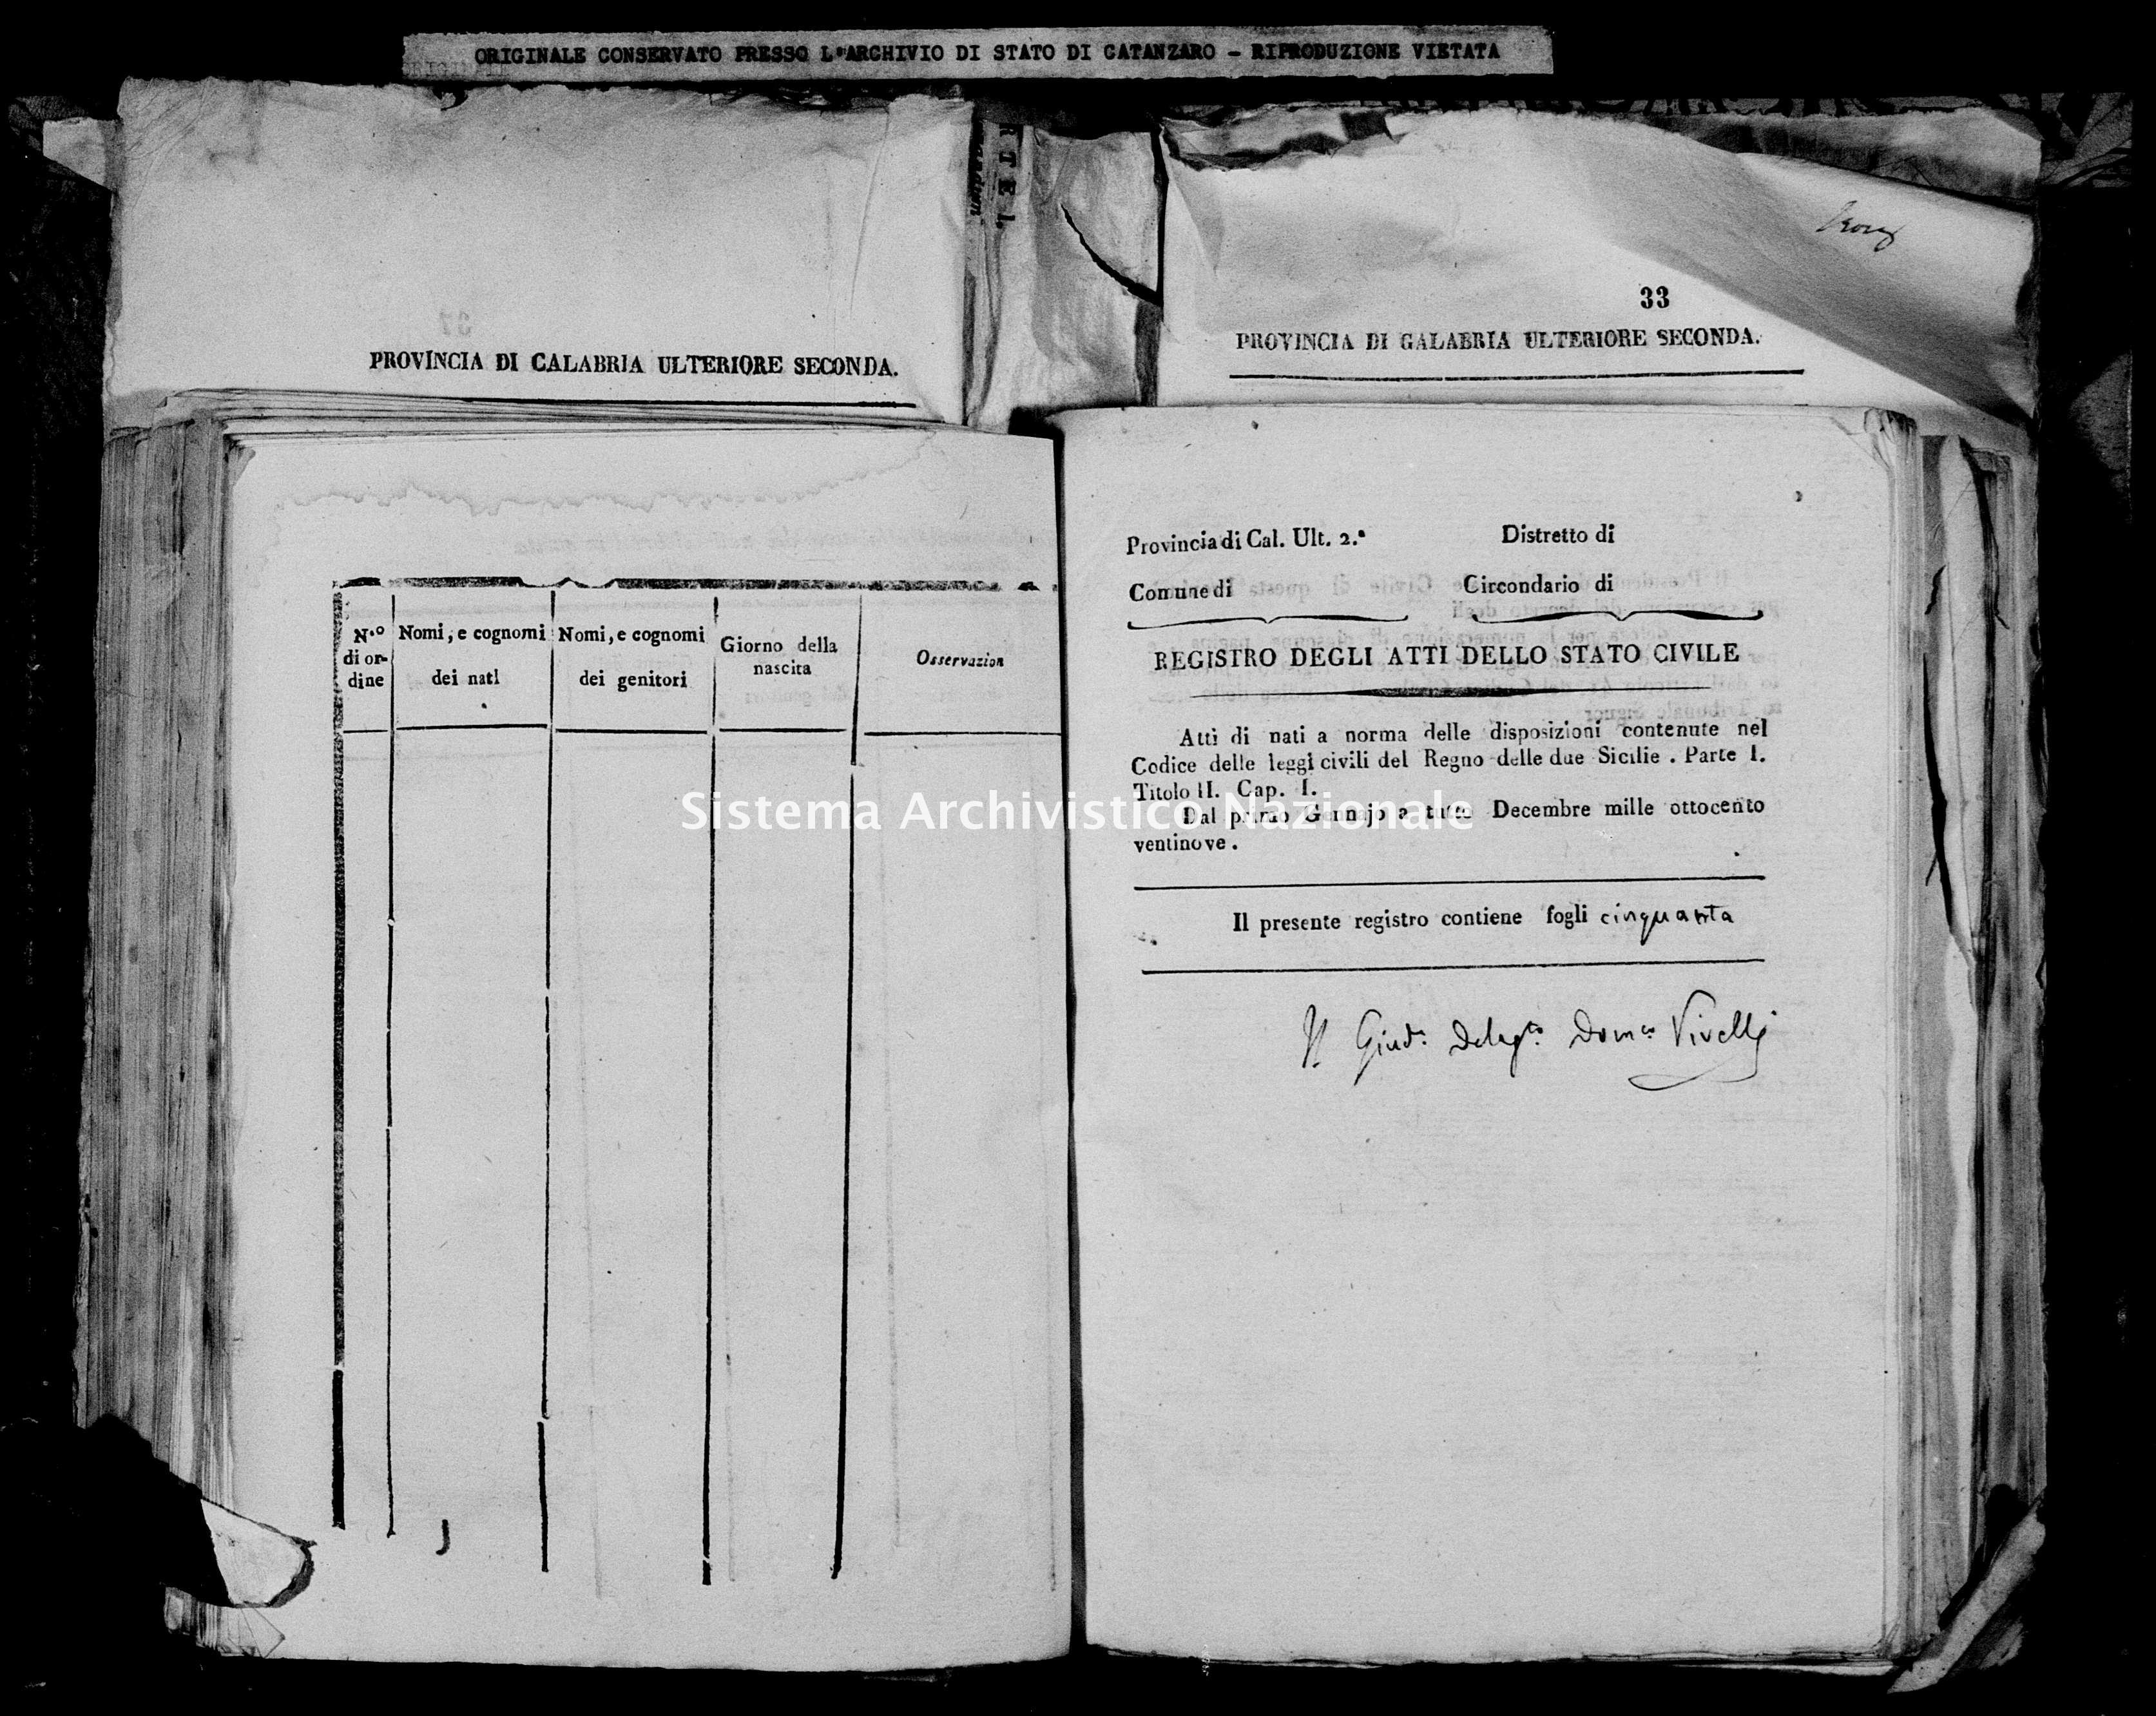 Archivio di stato di Catanzaro - Stato civile italiano - Decollatura - Nati - 30/01/1829-24/12/1829 -